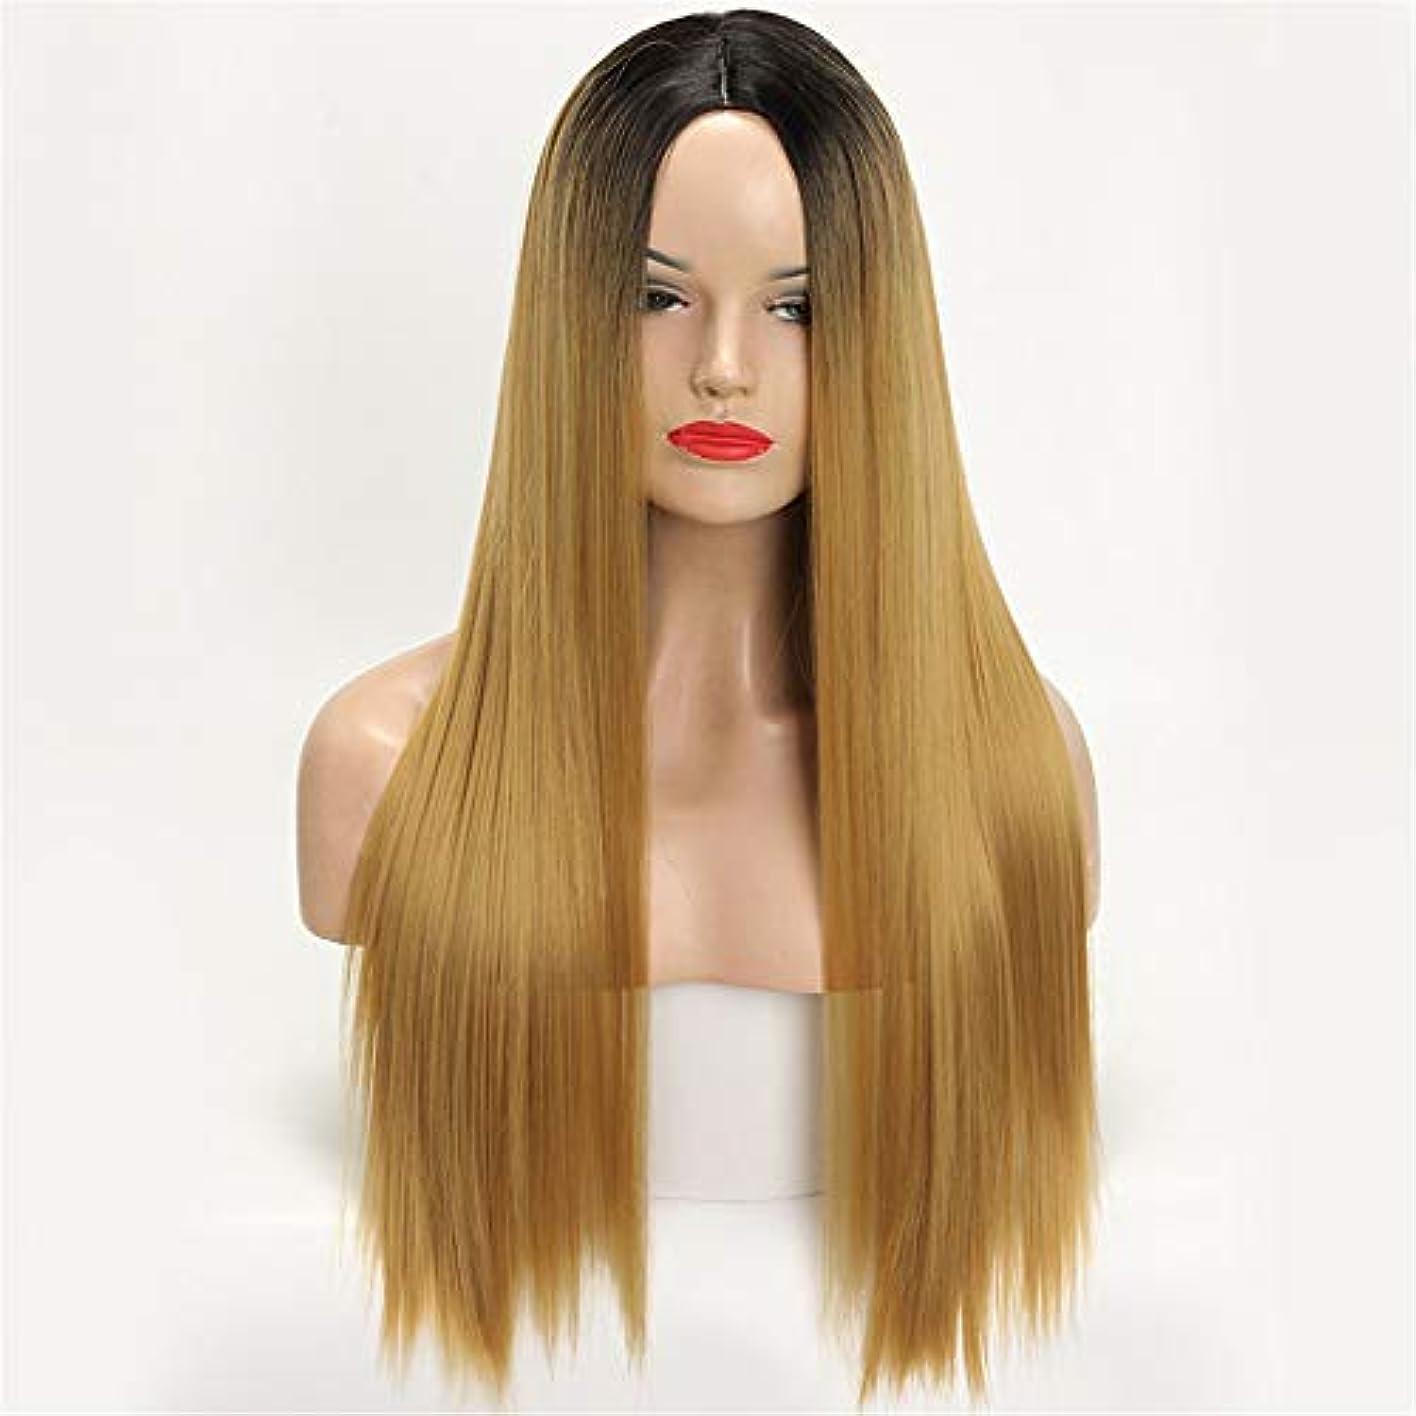 かつらロングストレートヘア女性勾配化学繊維フードオンブルブラックブロンドロングストレート高温合成繊維ウィッグ女性用ウィッグ30インチ